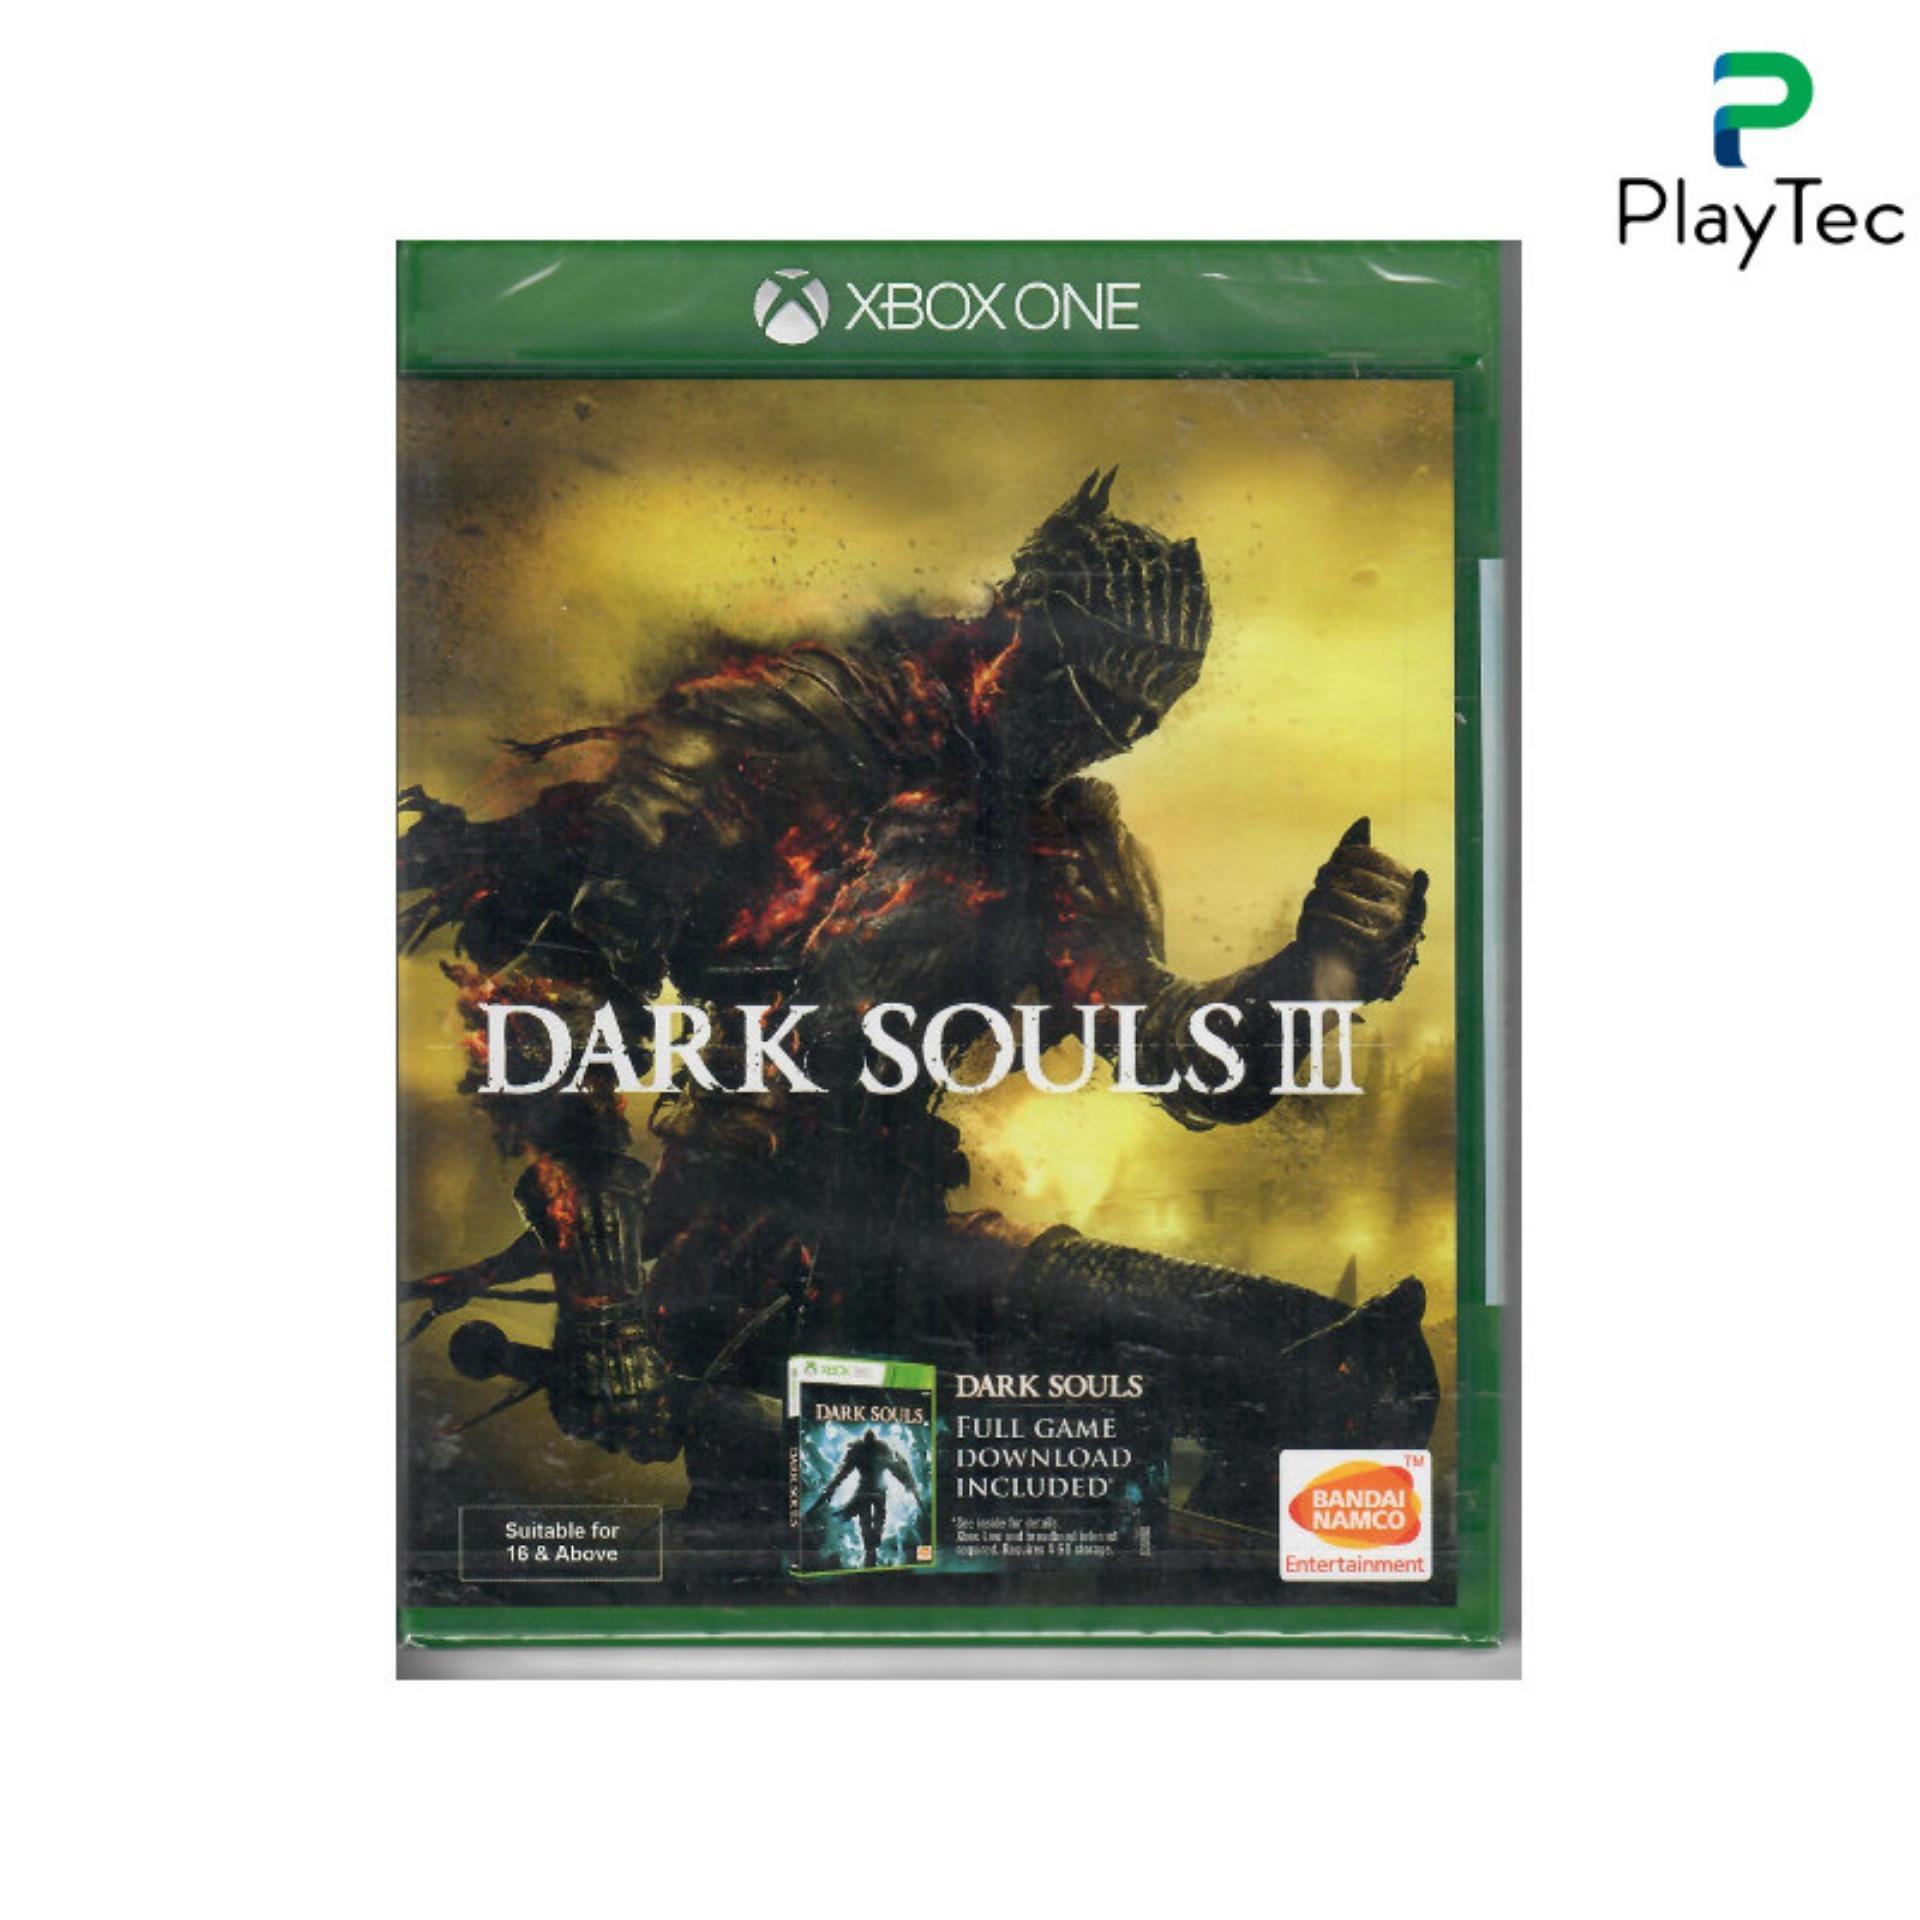 XBOX One Dark Souls III (R3)